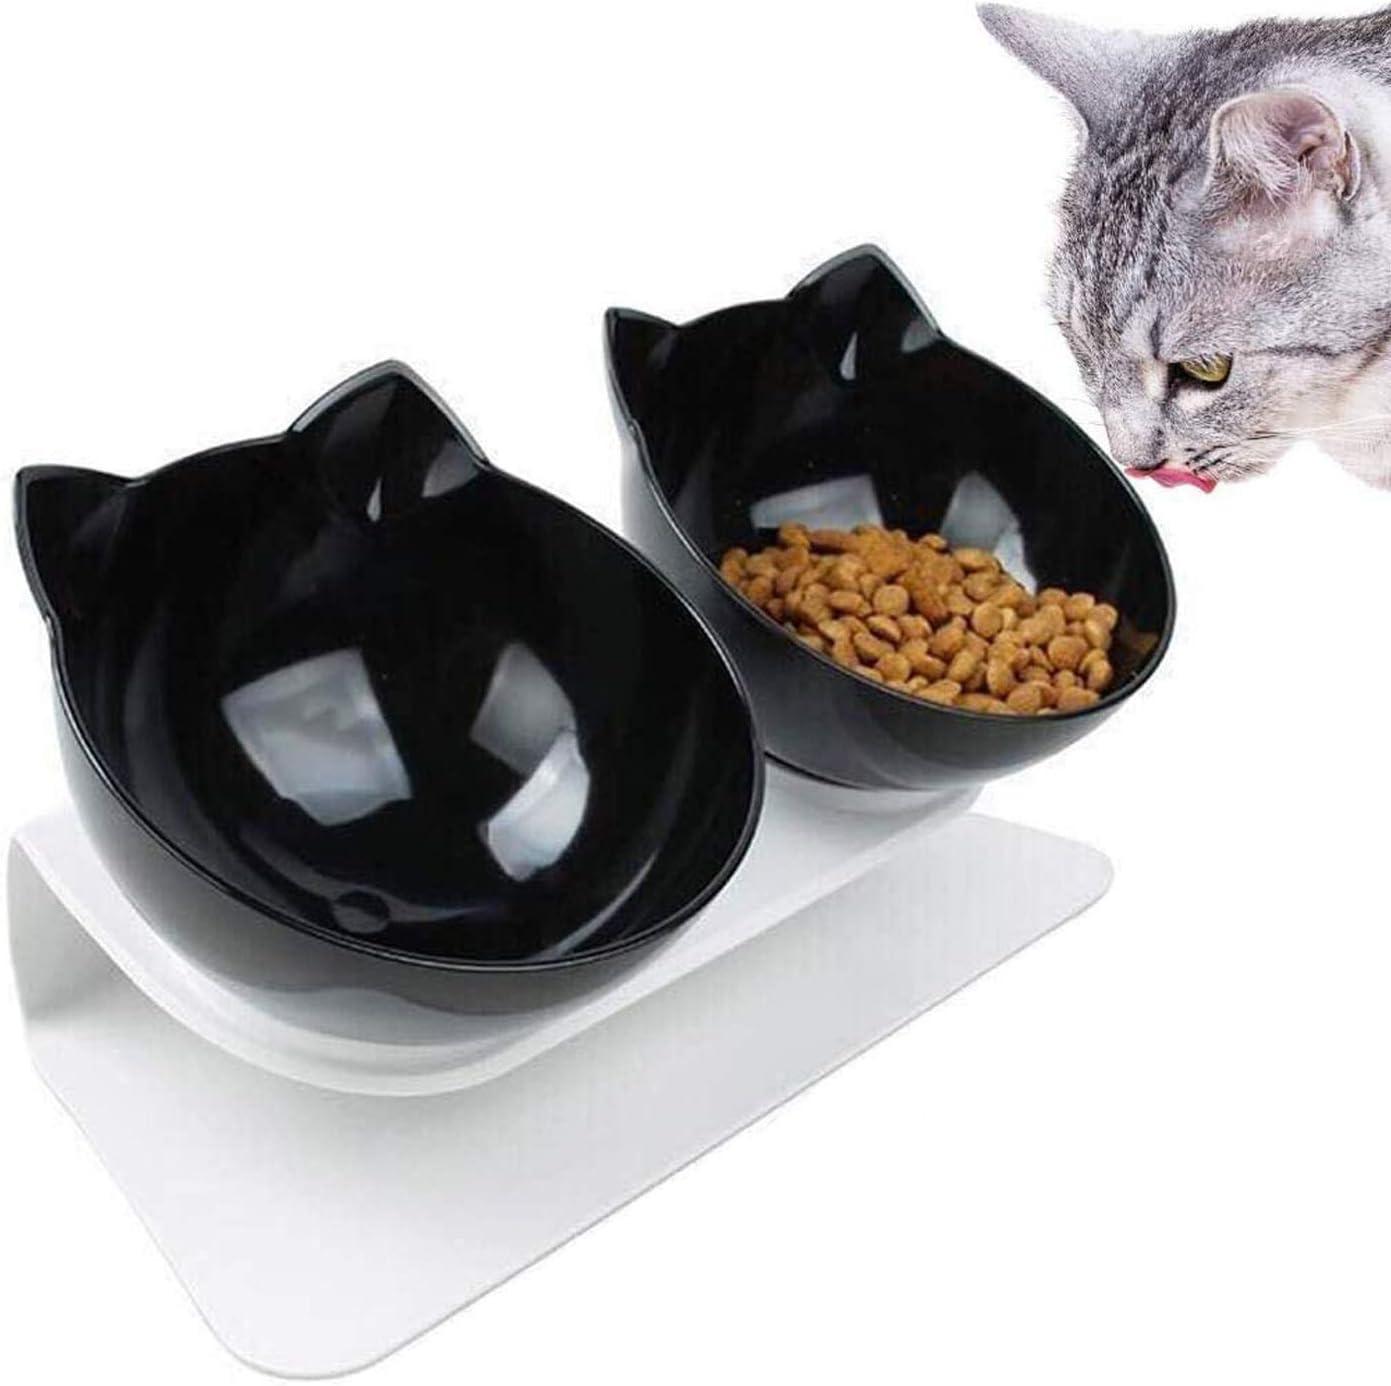 WELLXUNK Cuenco del Gato,Tcuencos Dobles para Gatos, Ajustable Inclinado De 15 ° Tazón Doble, Tazón de Gato Ortopédico, Apto para Gatos y Cachorros (Negro)